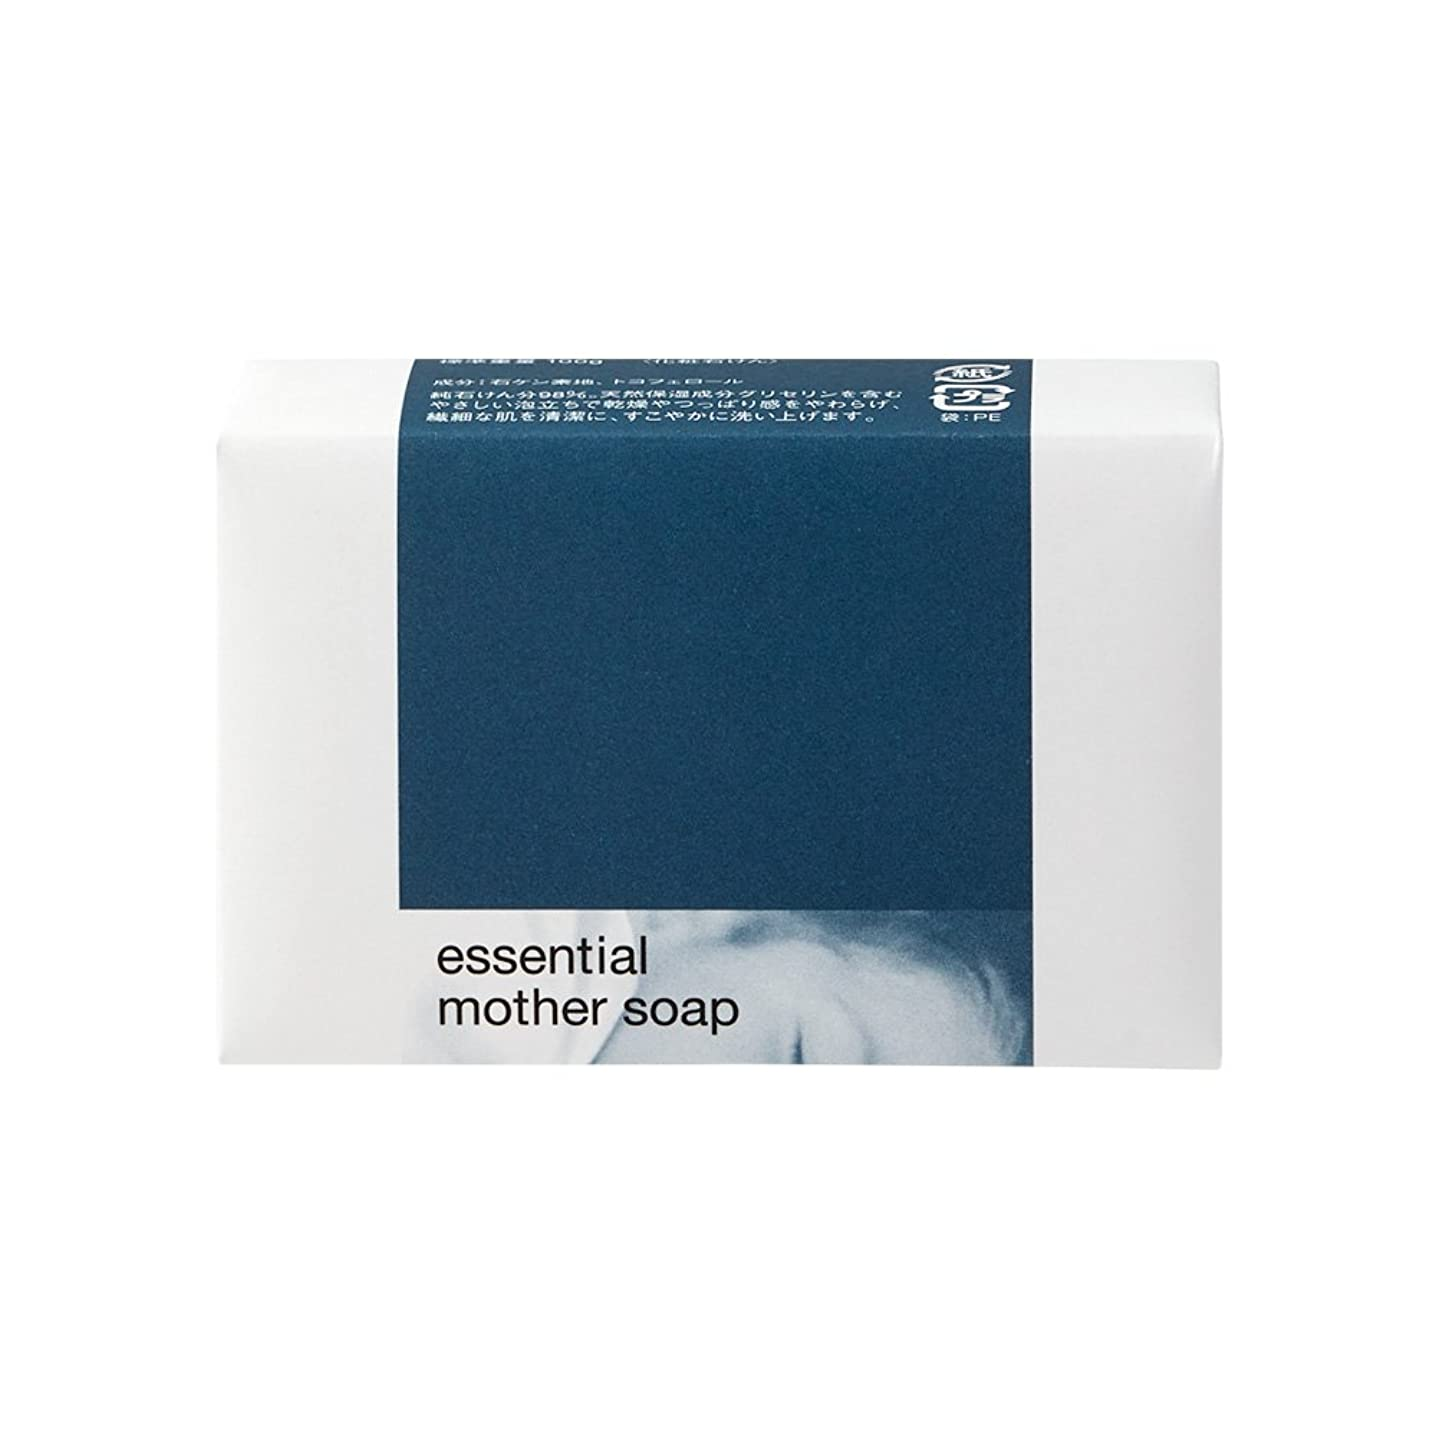 テクニカル風邪をひく層EMSマイルドピュアソープM 100g